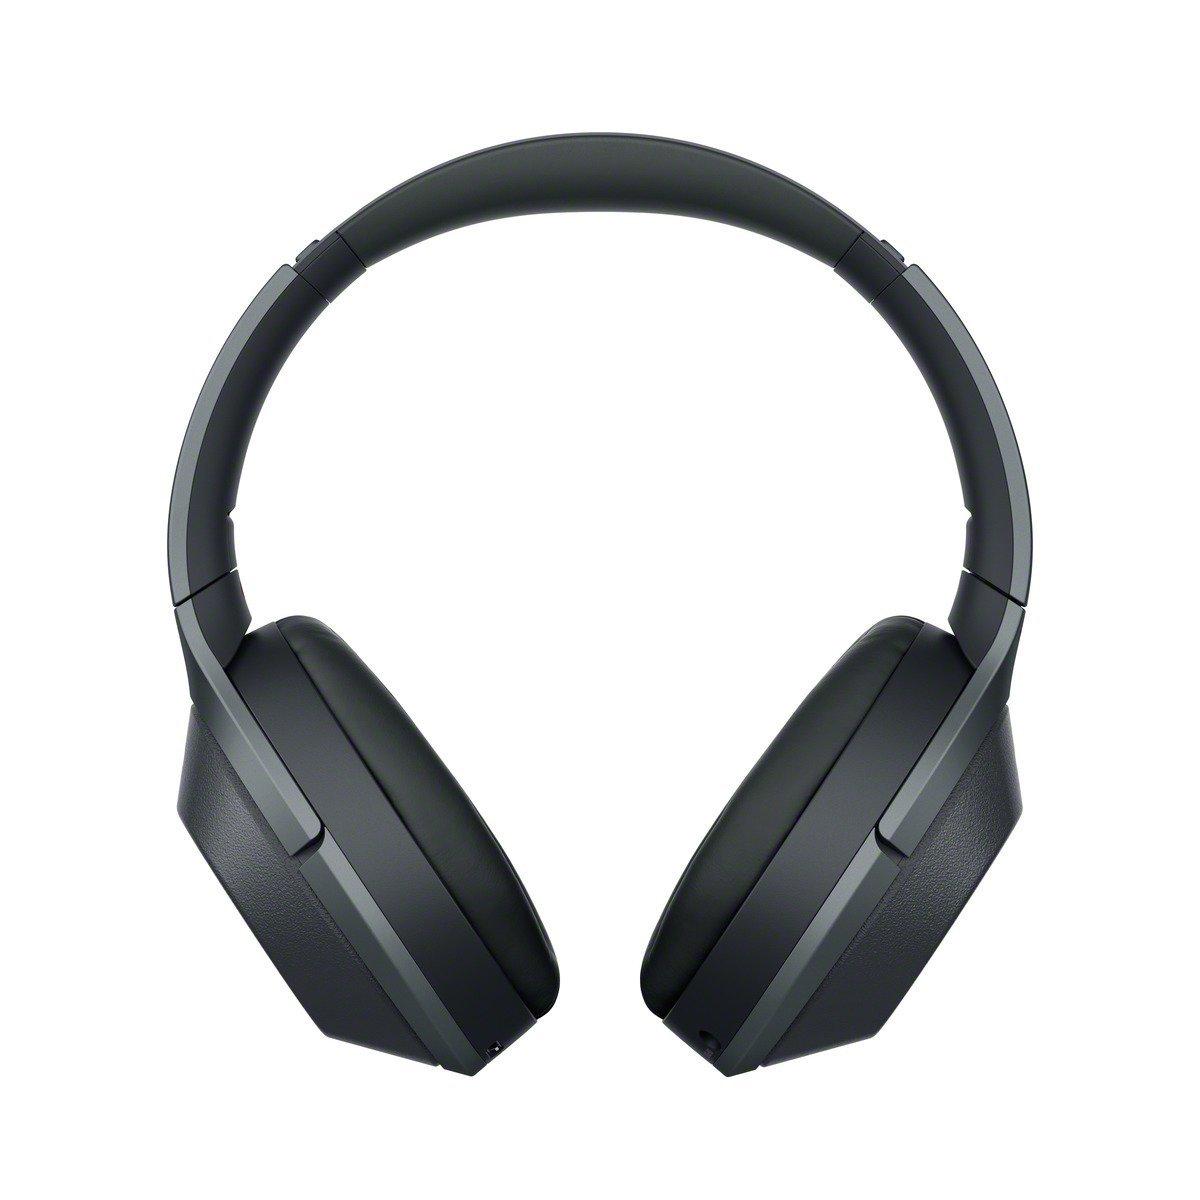 Casque à réduction de bruit Sony WH-1000XM2 - Bluetooth (noir)